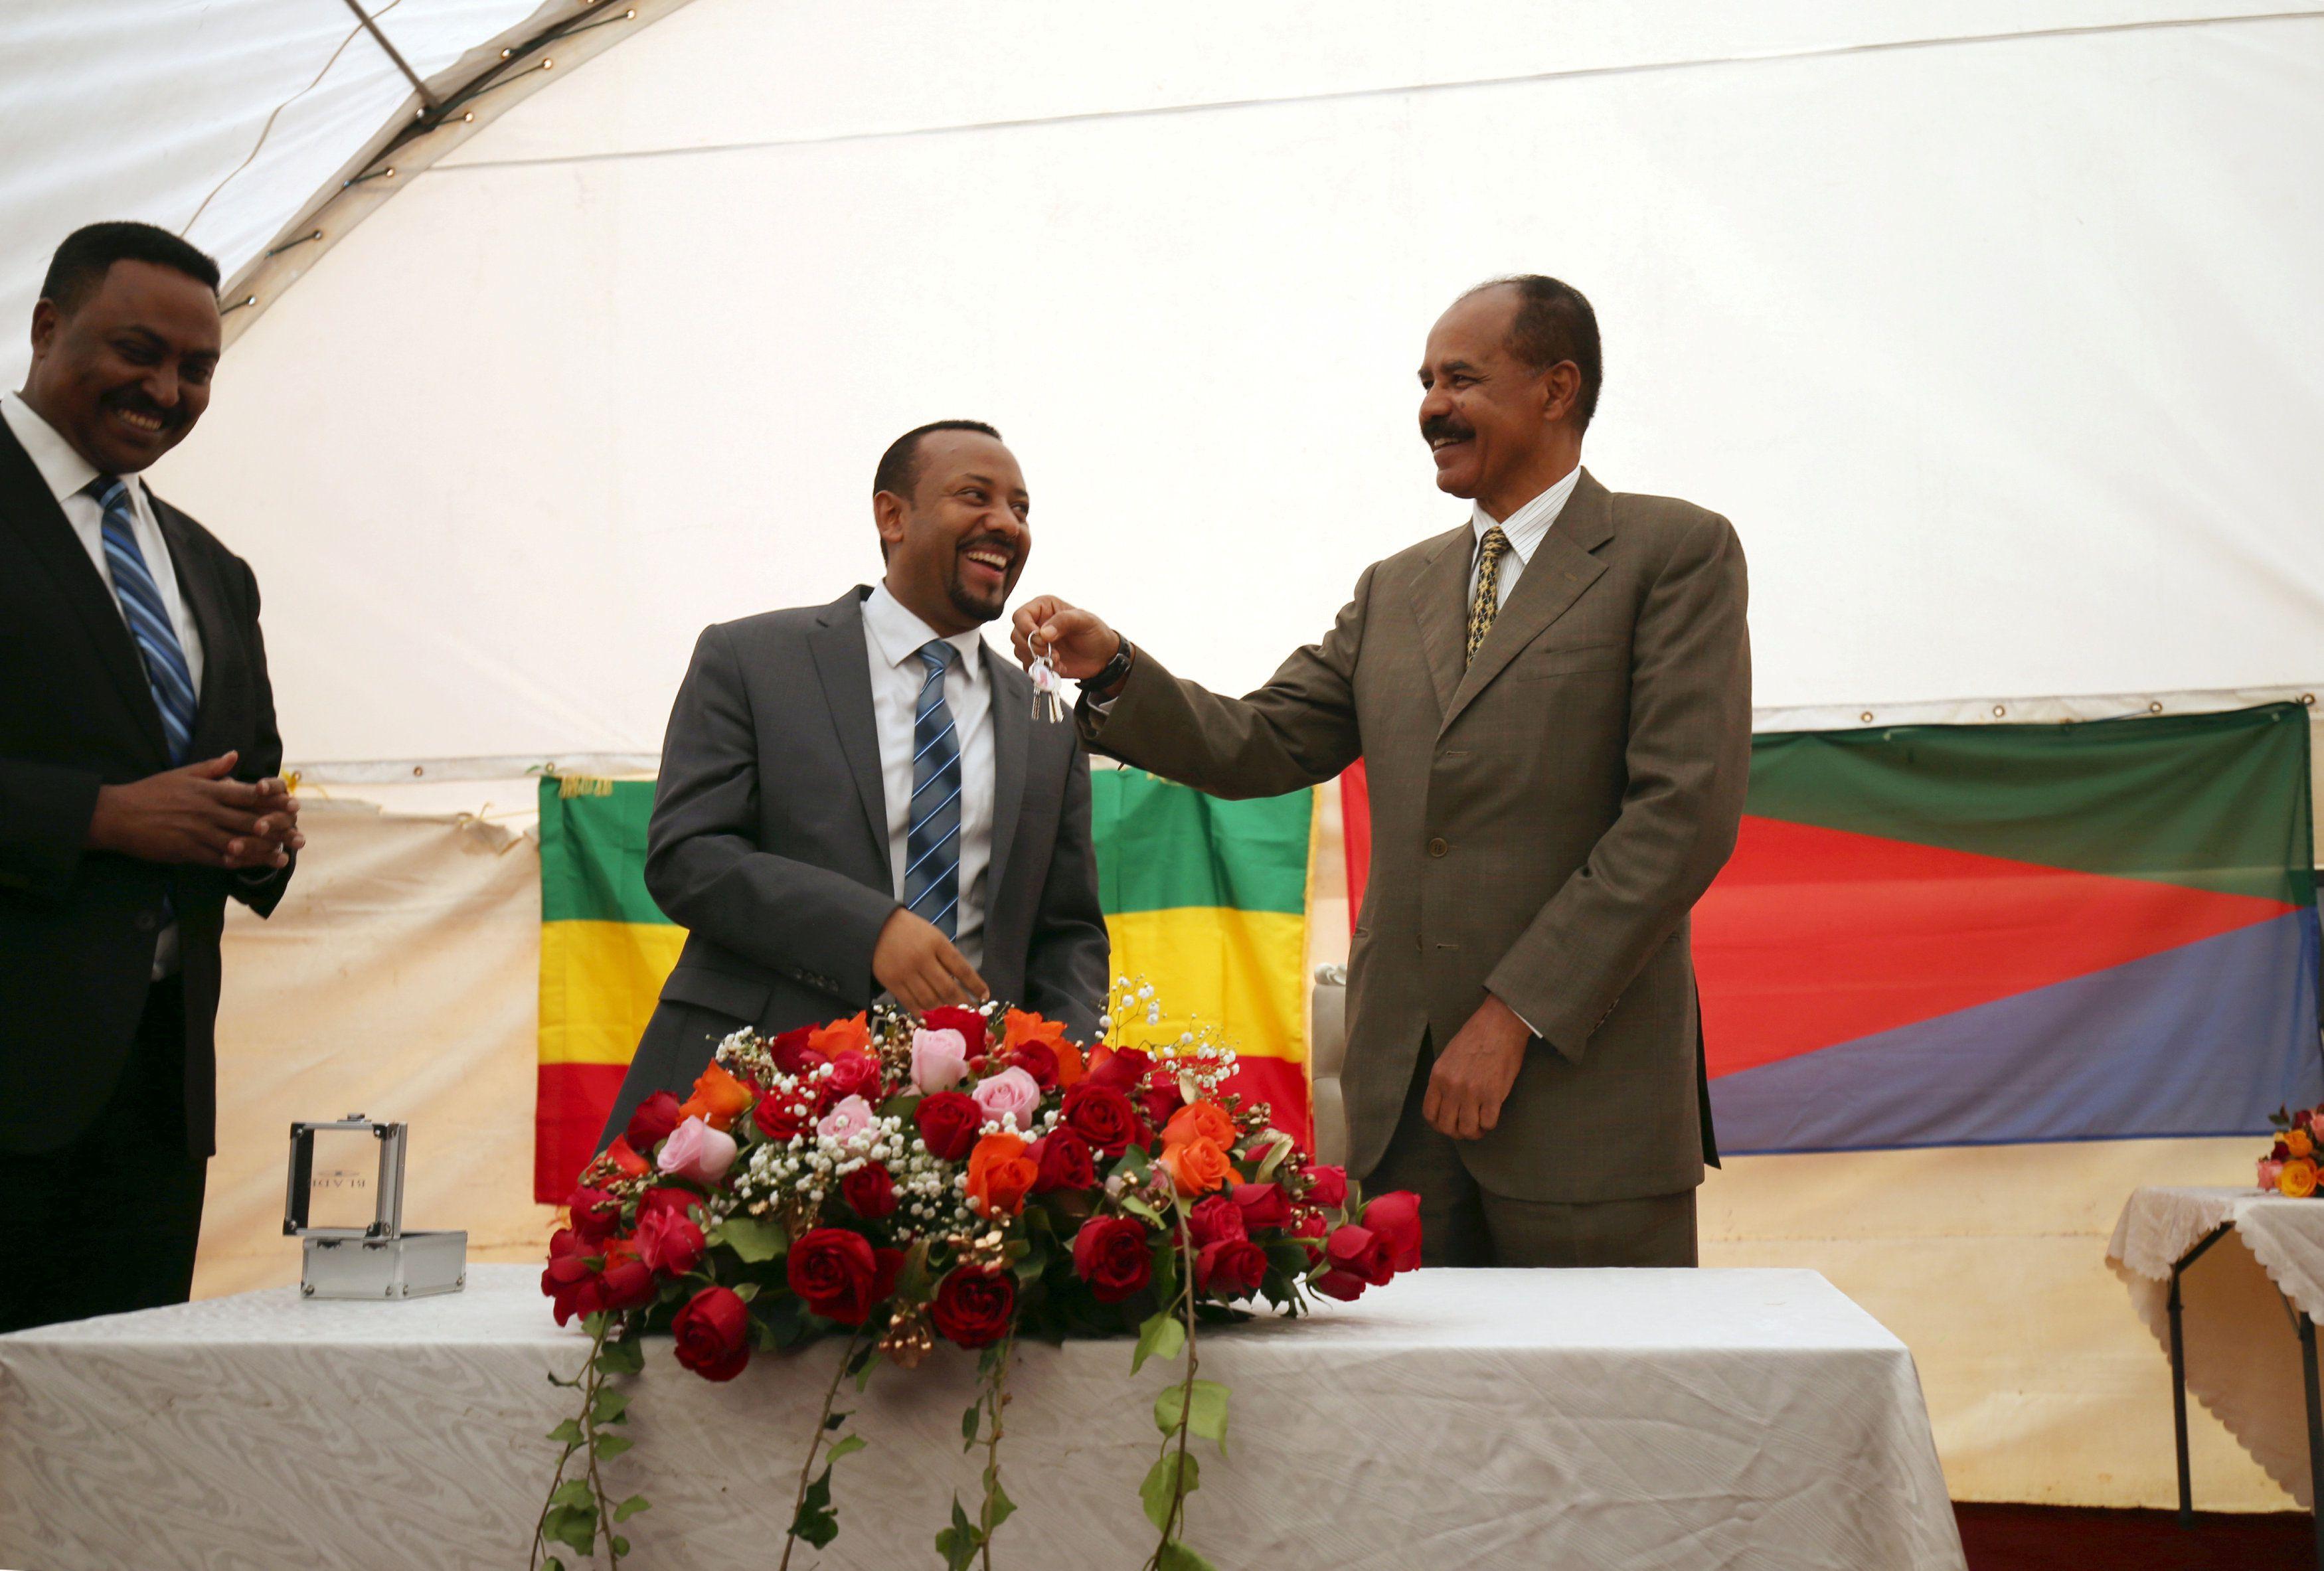 El presidente de Eritrea, Isaias Afwerki, recibe una llave del primer ministro de Etiopía, Abiy Ahmed, durante la ceremonia de inauguración de la embajada de Eritrea en Etiopía, el 16 de julio de 2018.